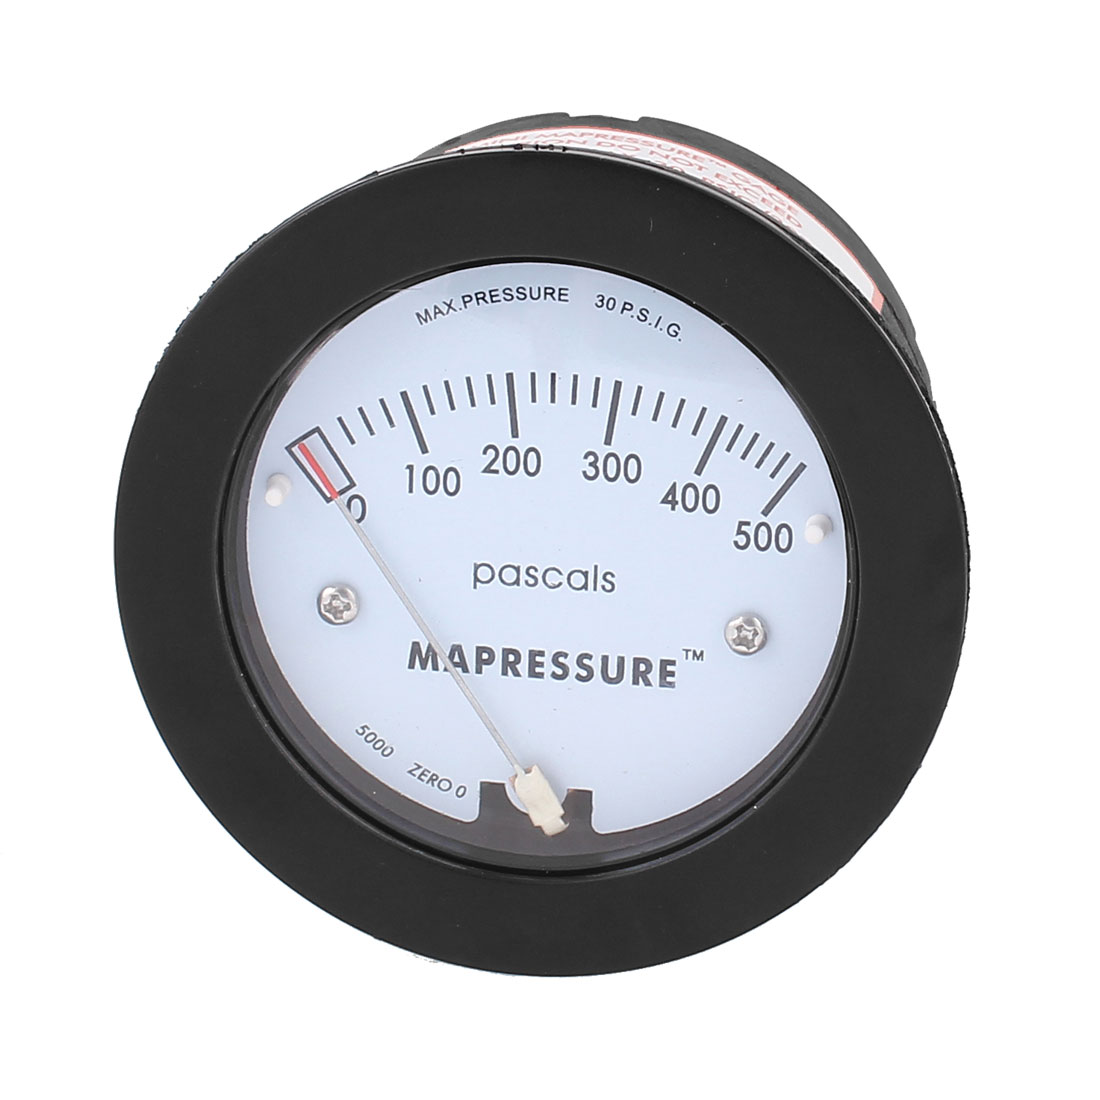 Series 5000 0-500Pa 30 PSIG Differential Pressure Gauge Meter